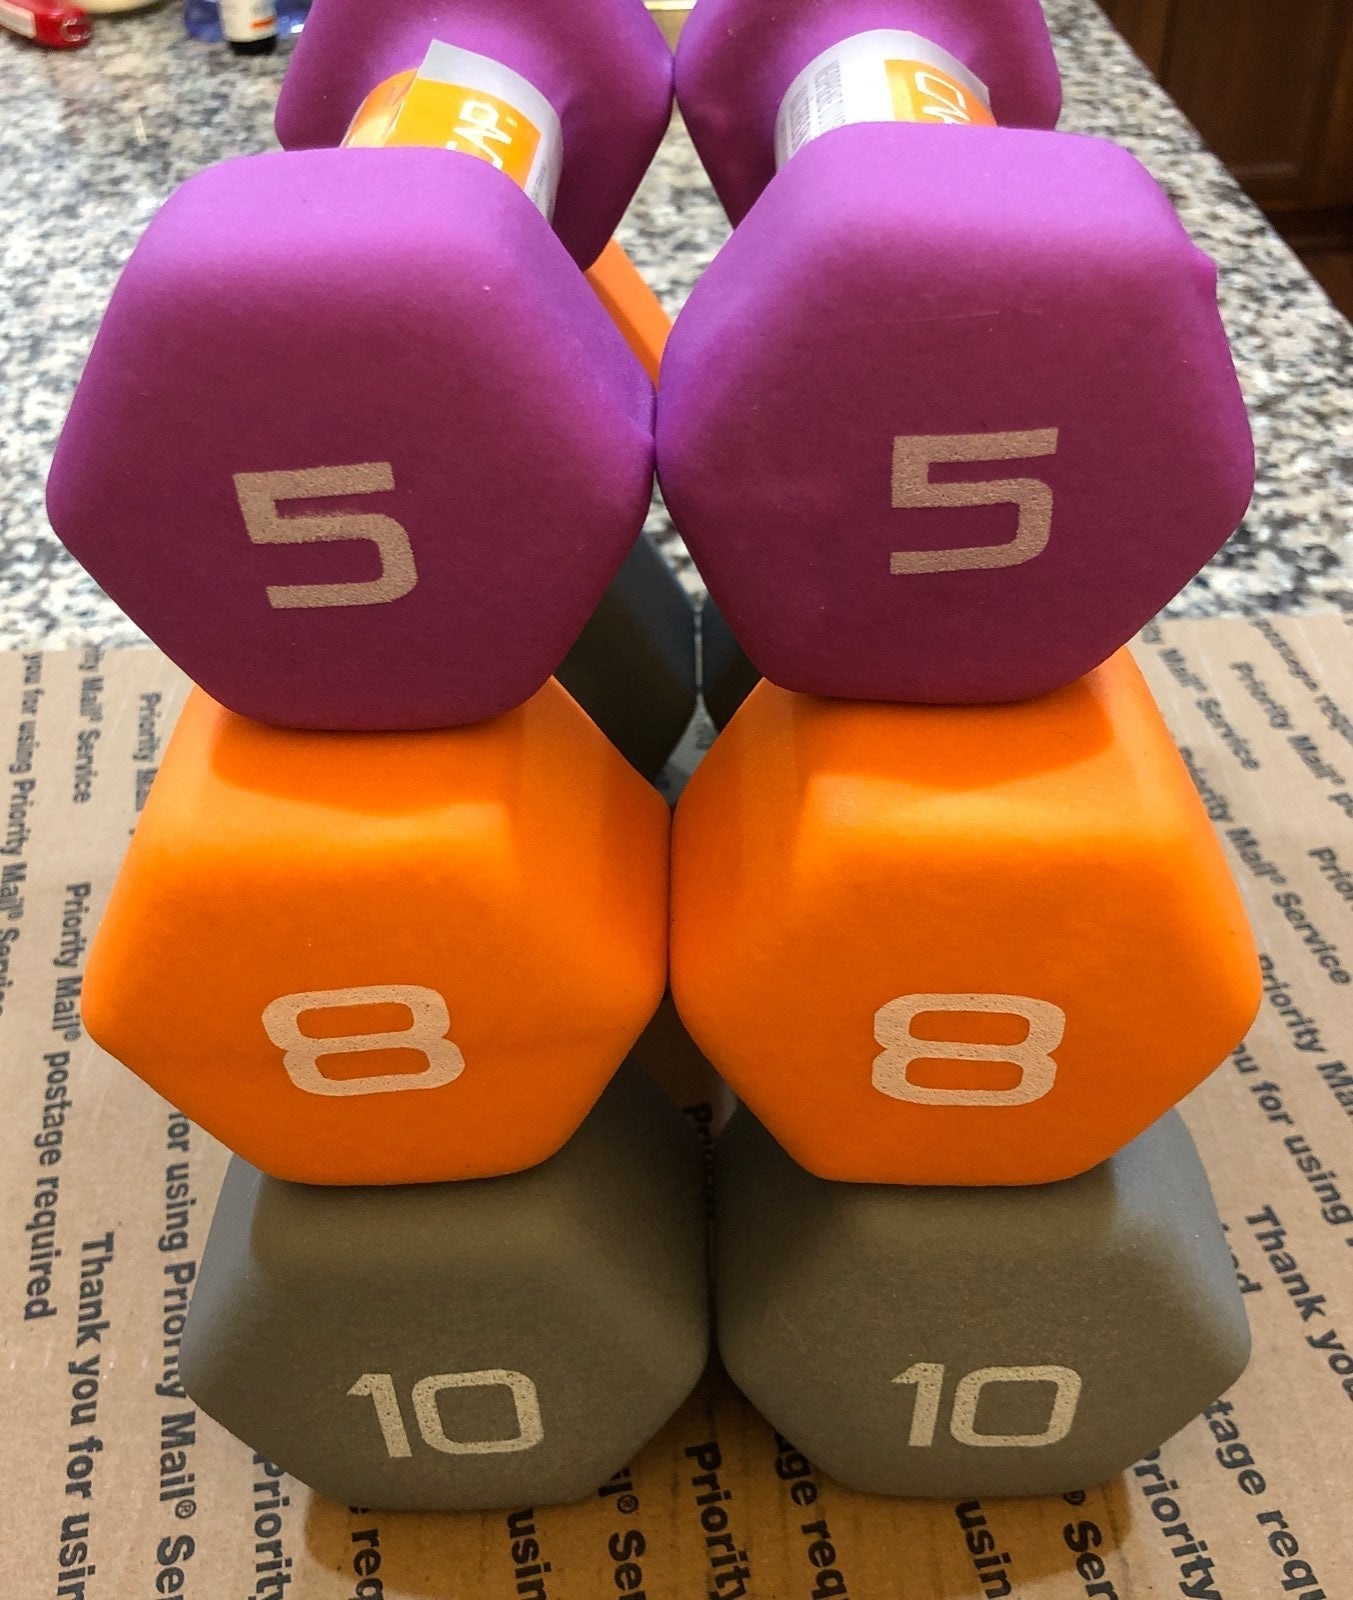 Cap dumbbells - 10,8,5 lbs -total 46 lbs